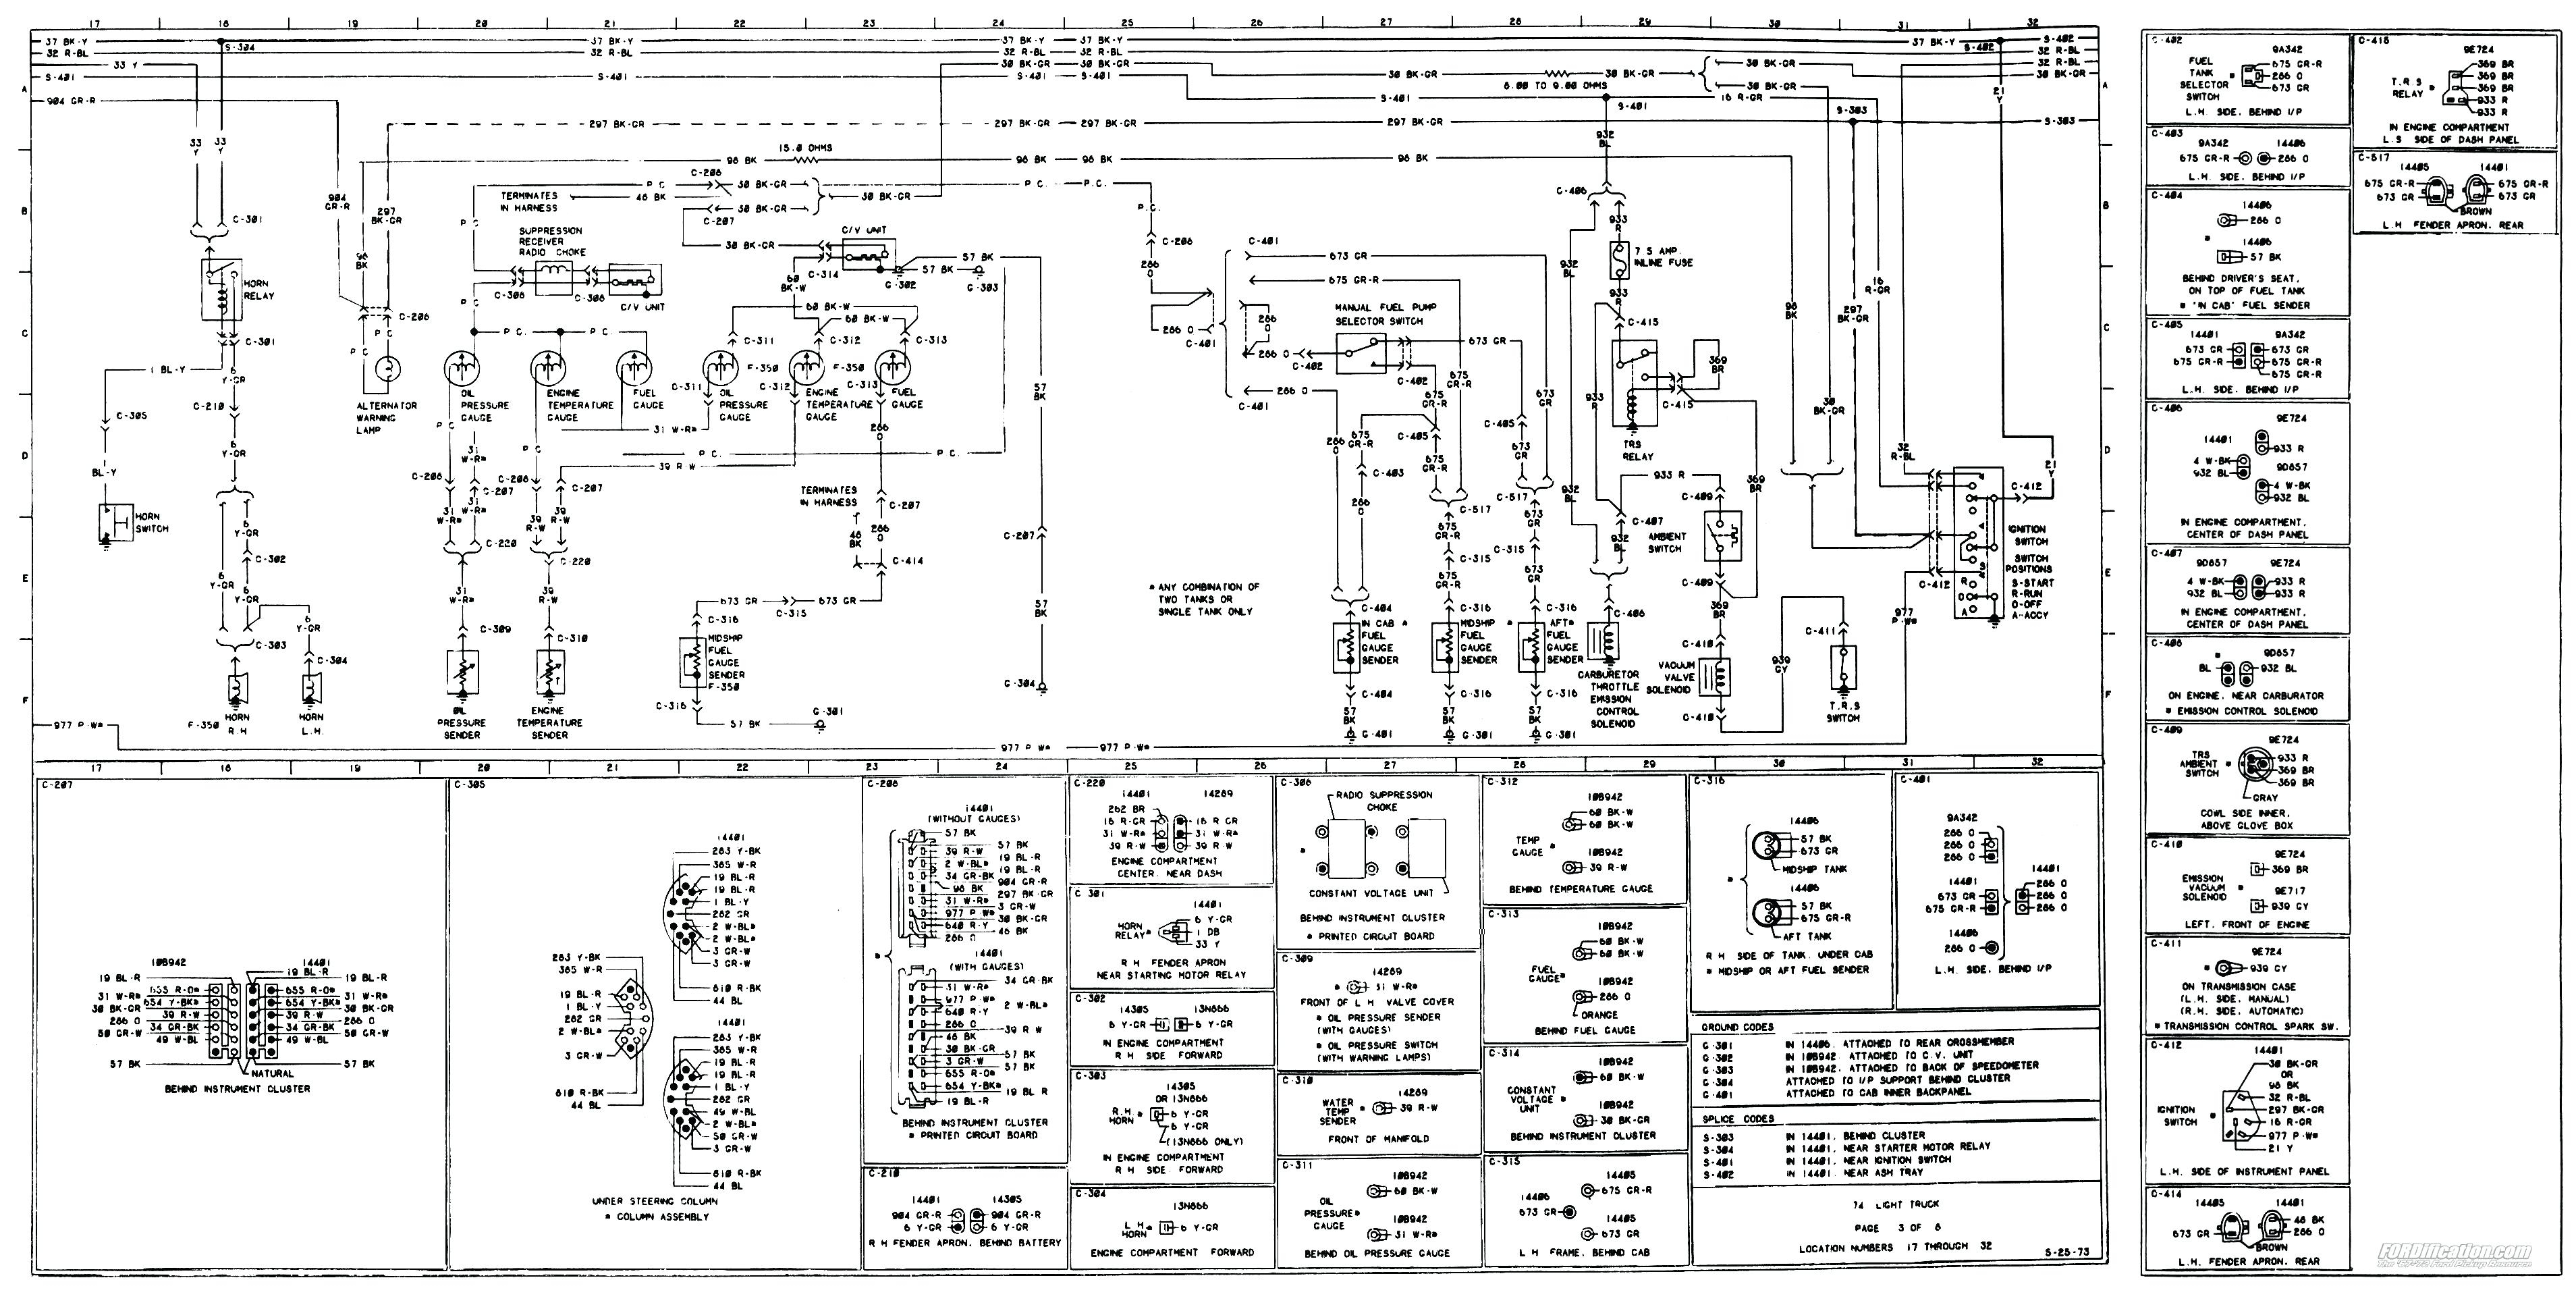 Bose Acoustimass 7 Wiring Diagram